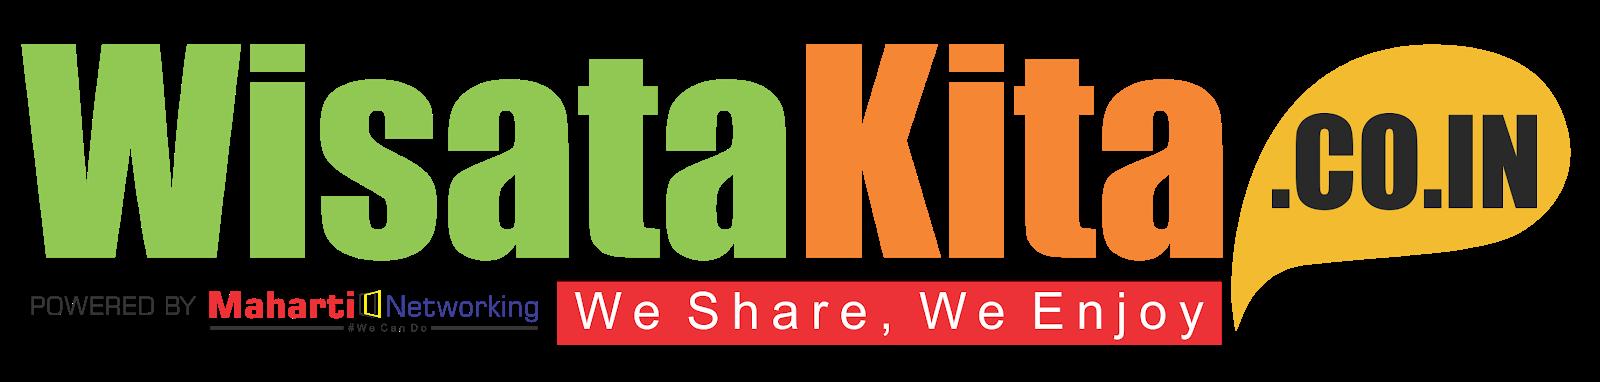 Wisata Kita  | We Share, We Enjoy